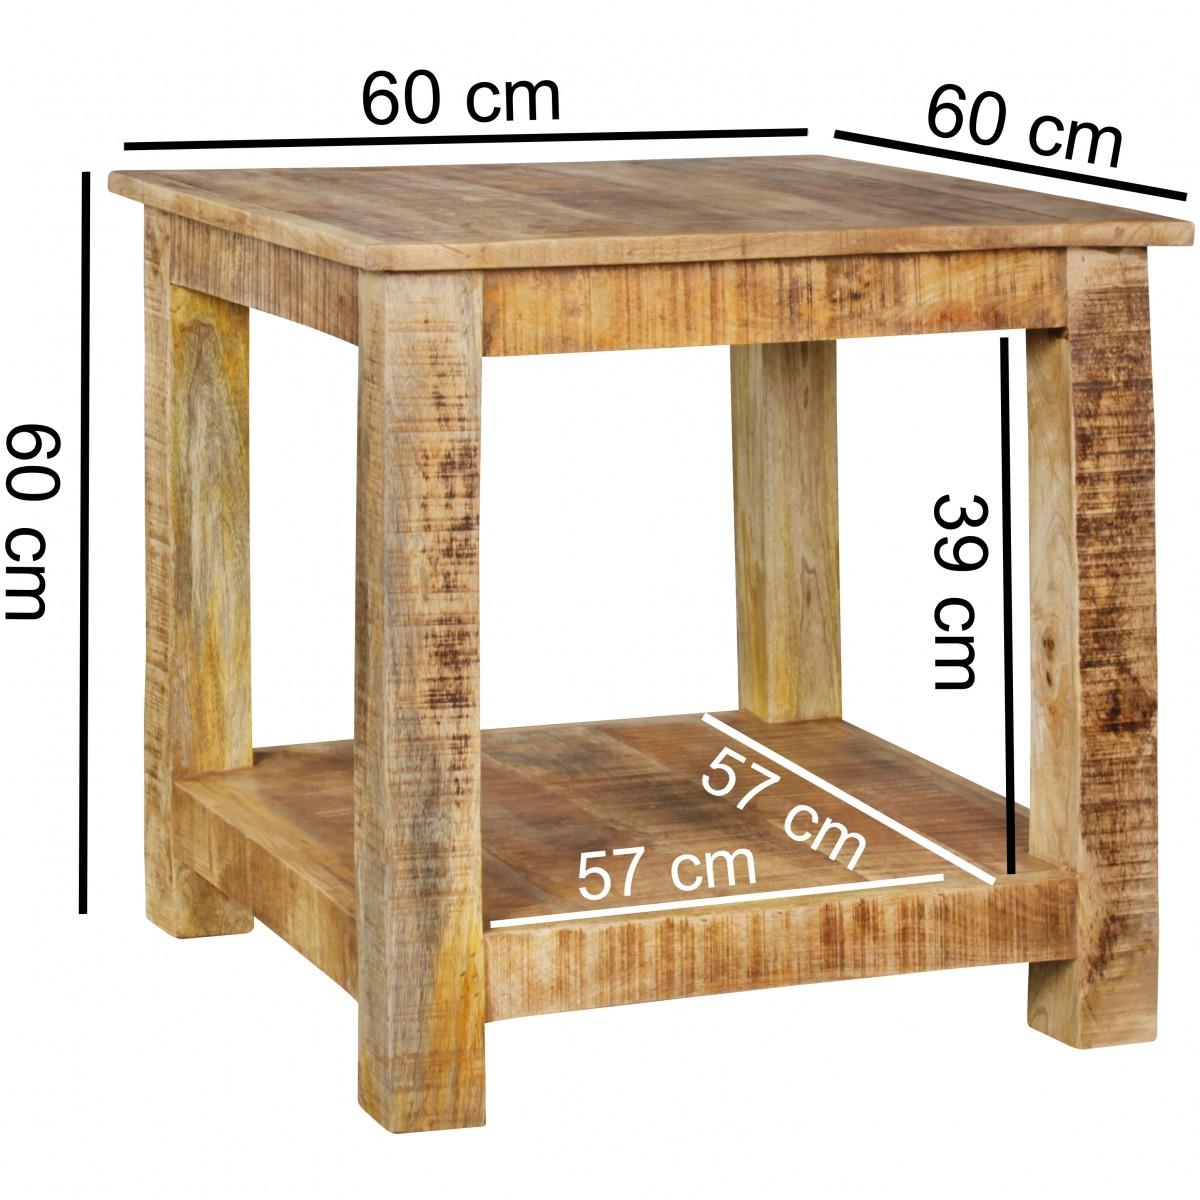 Beistelltisch rusti massivholz couchtisch massiv holz for Wohnzimmertisch 60 cm